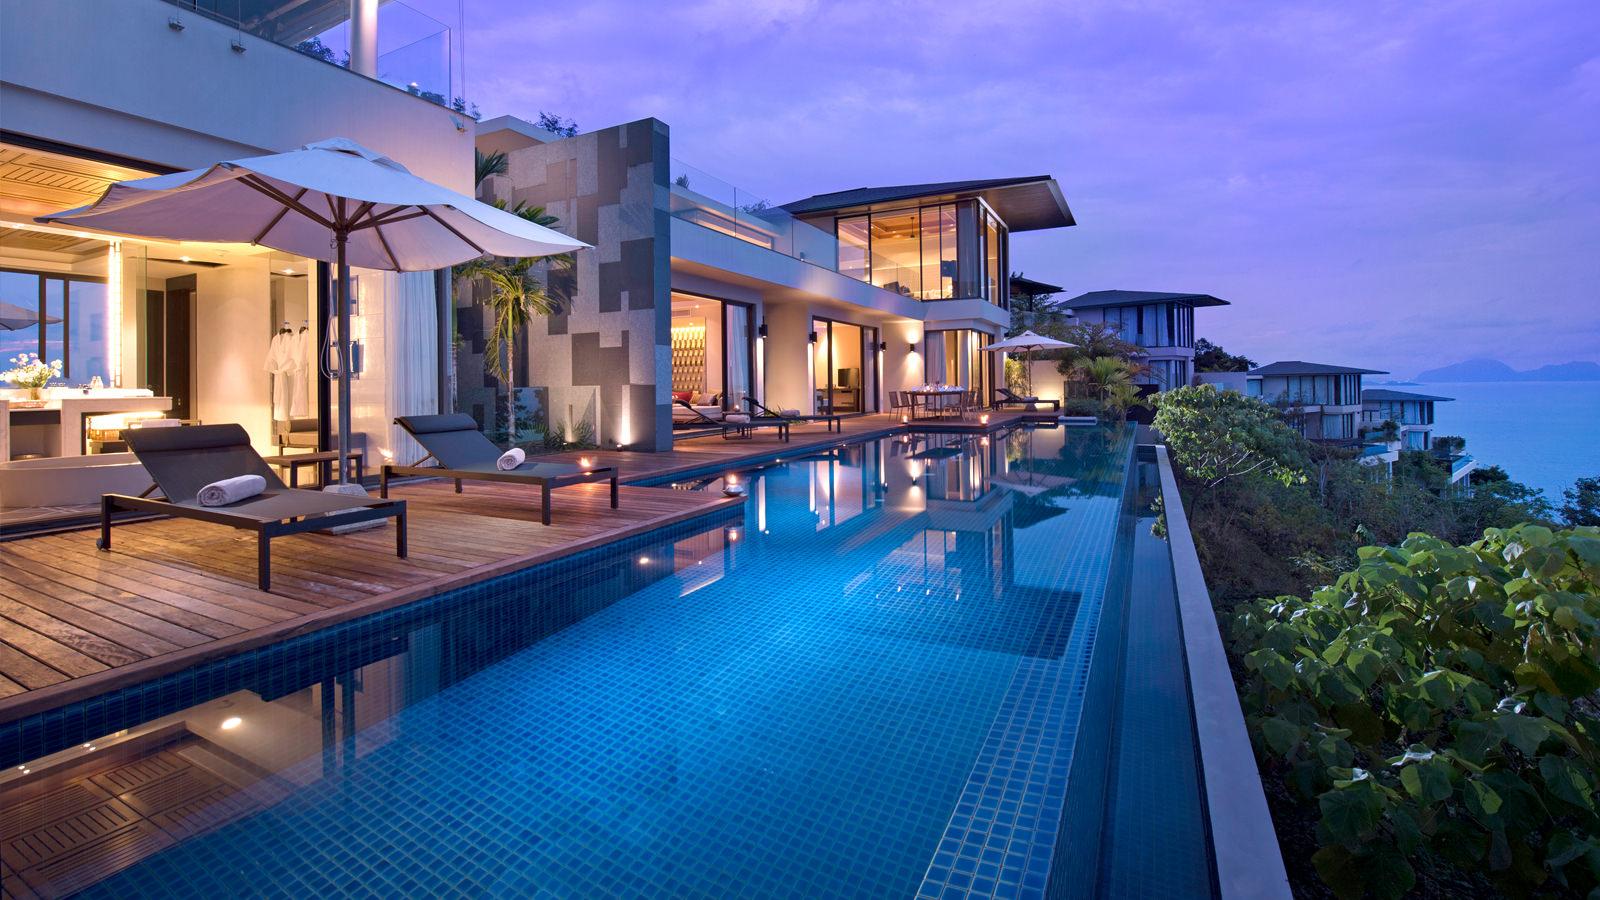 افضل الفنادق المتميزه. فى  تايلاند | افضل .فنادق تايلاند | فنادق. تايلاند.